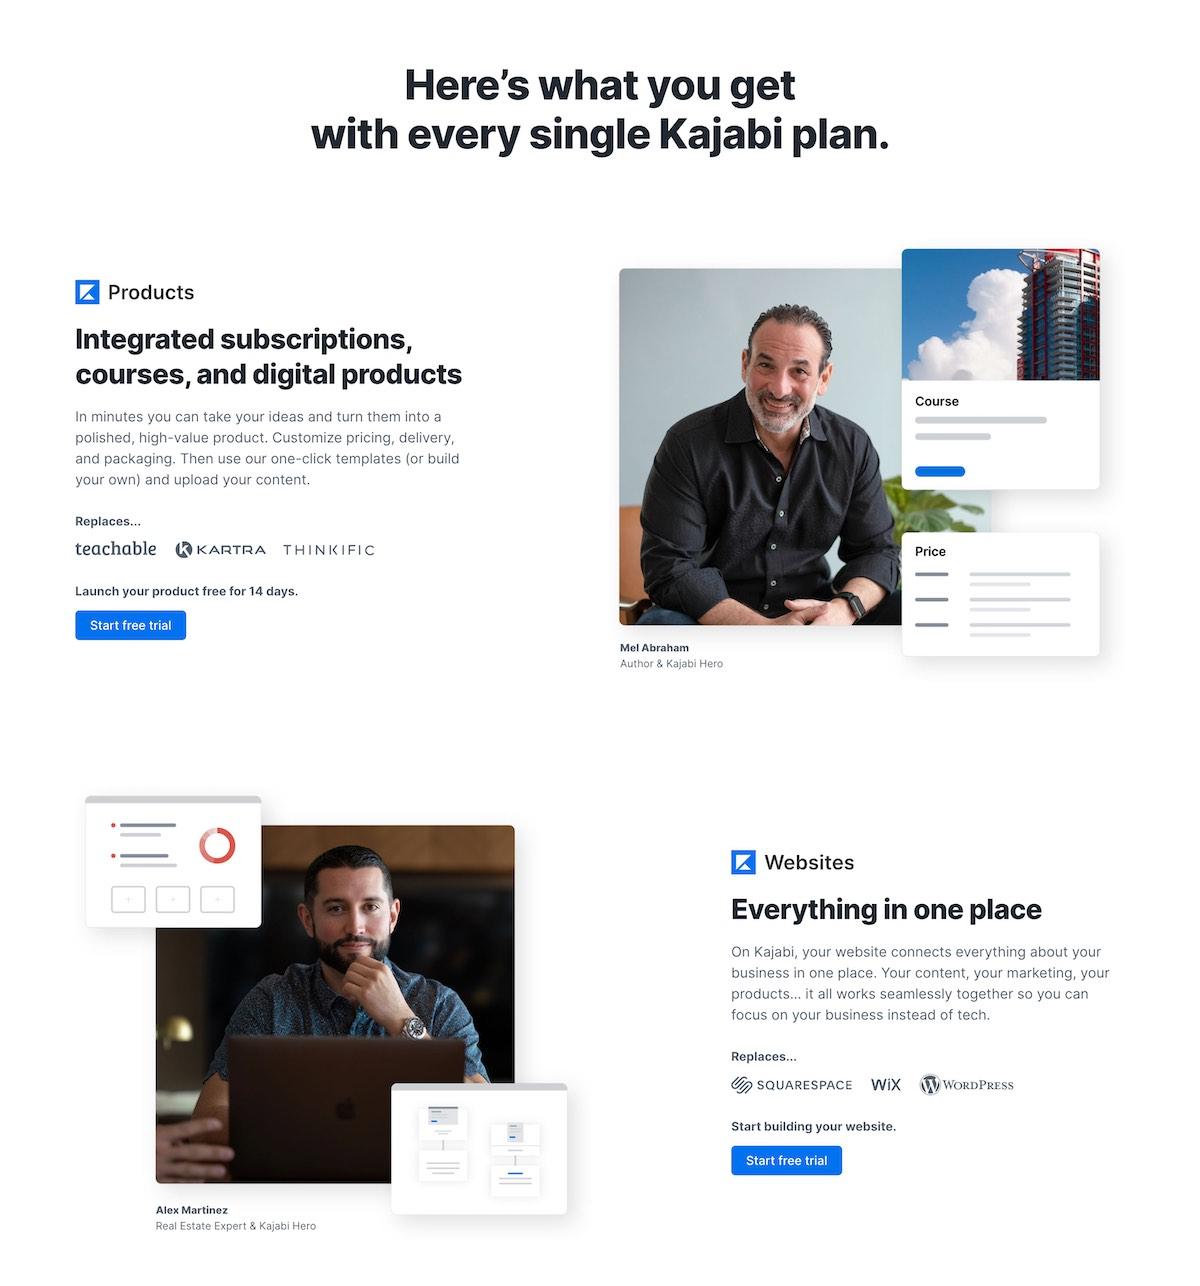 Quello che Kajabi mostra subito sotto la testa sono una serie di testimonial che usano tutti i giorni la piattaforma per il proprio business le operazioni di web marketing.